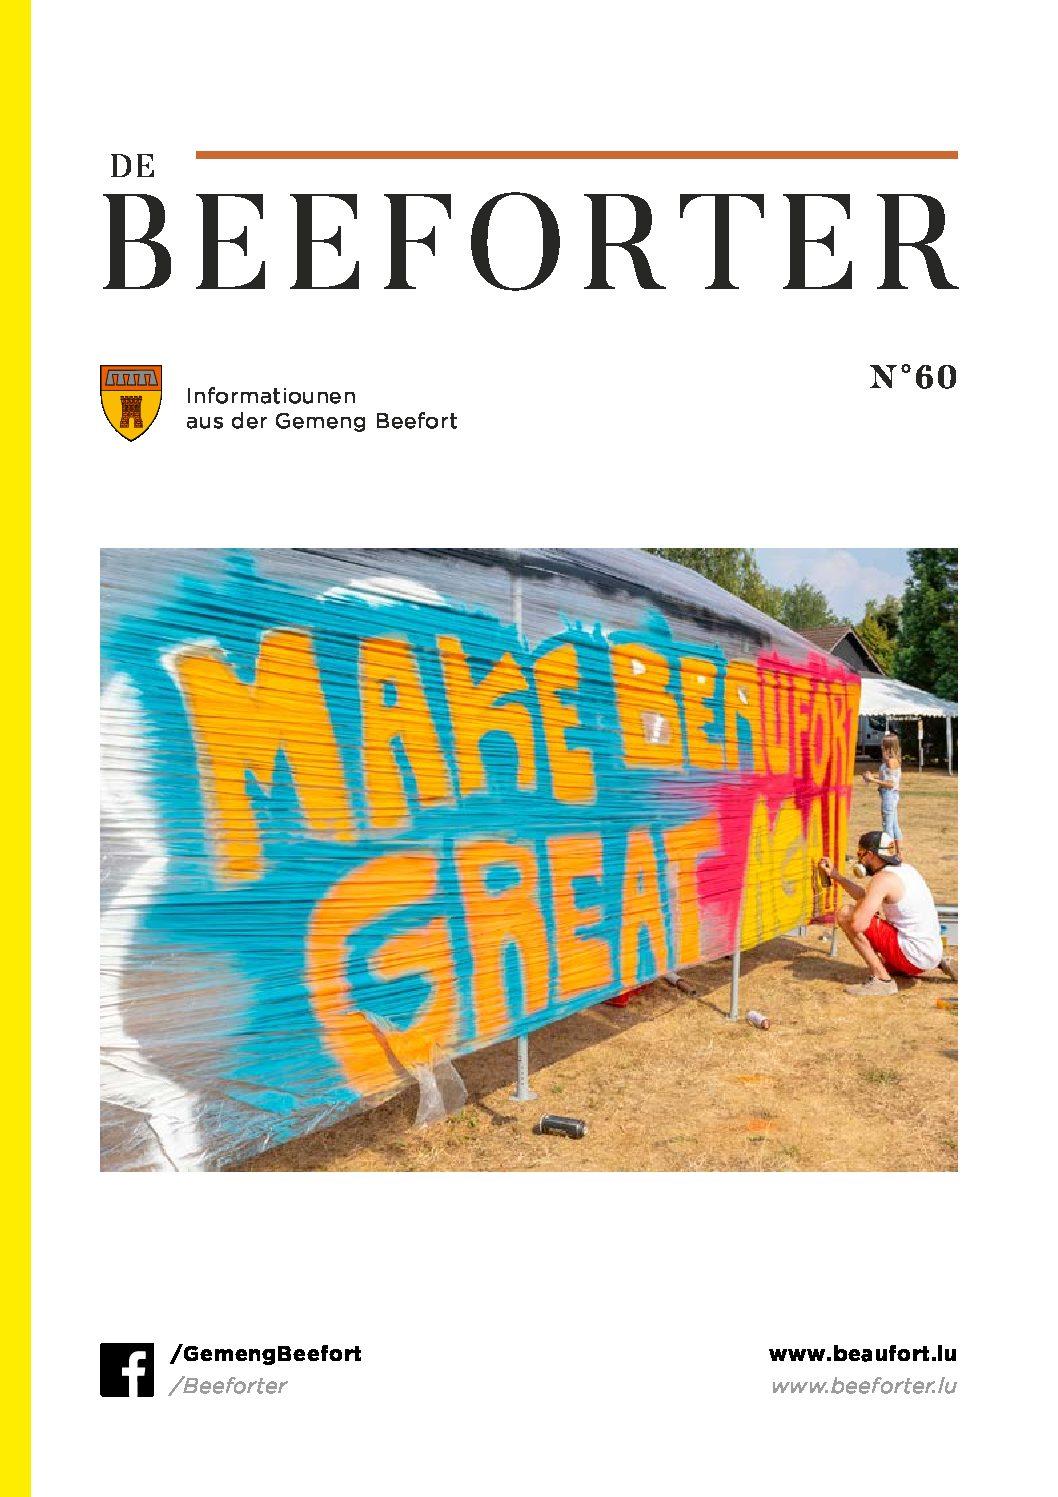 De Beeforter 60